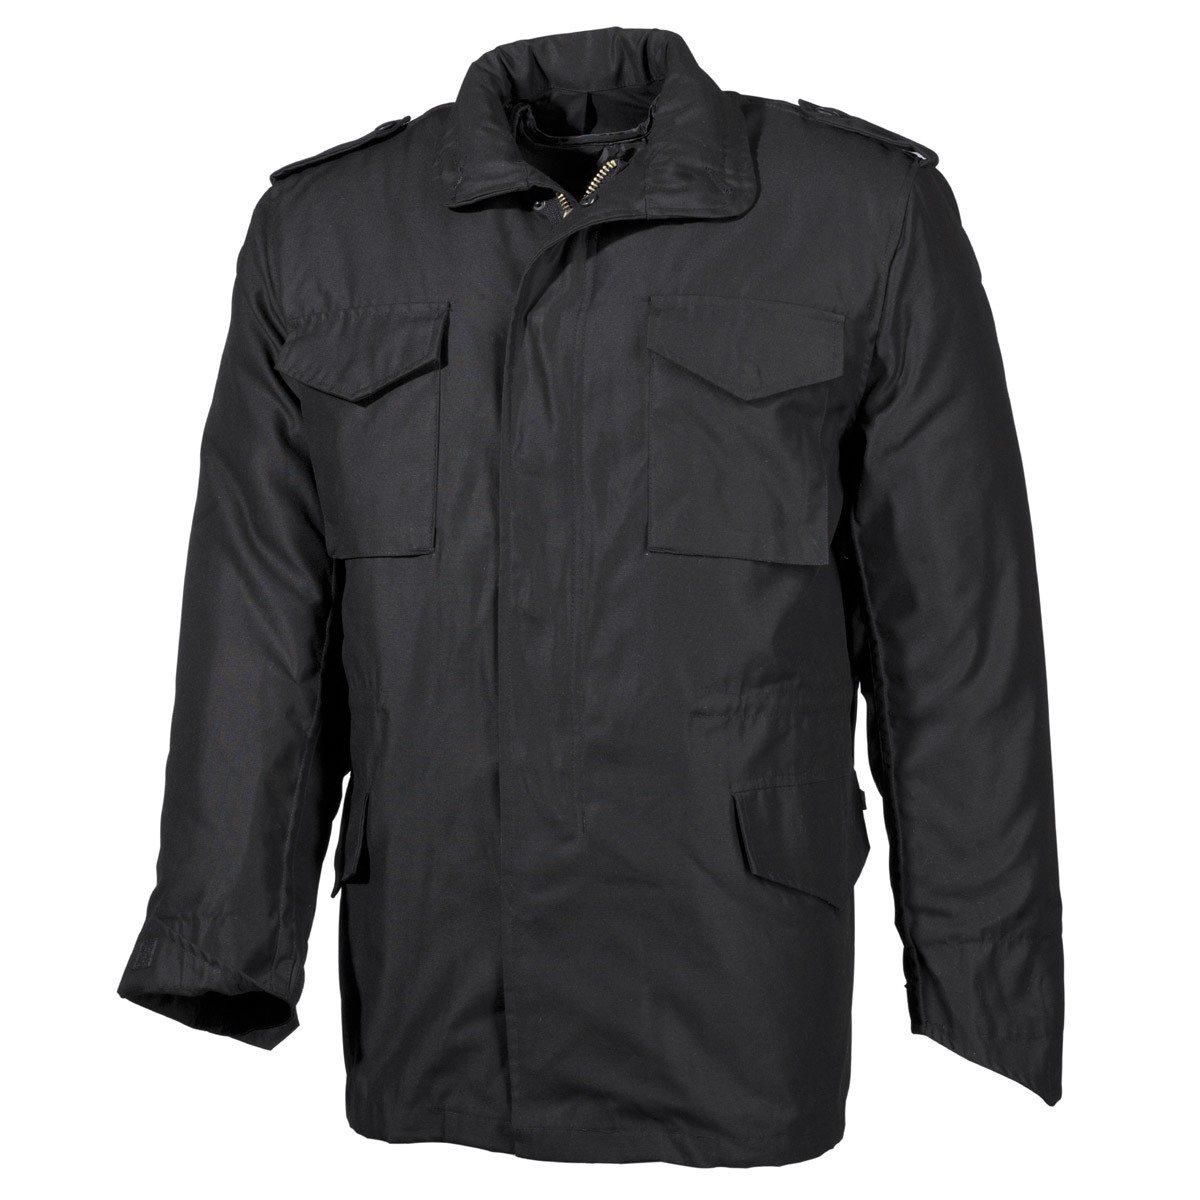 Jacket US M65 BLACK MFH int. comp. 03072A L-11